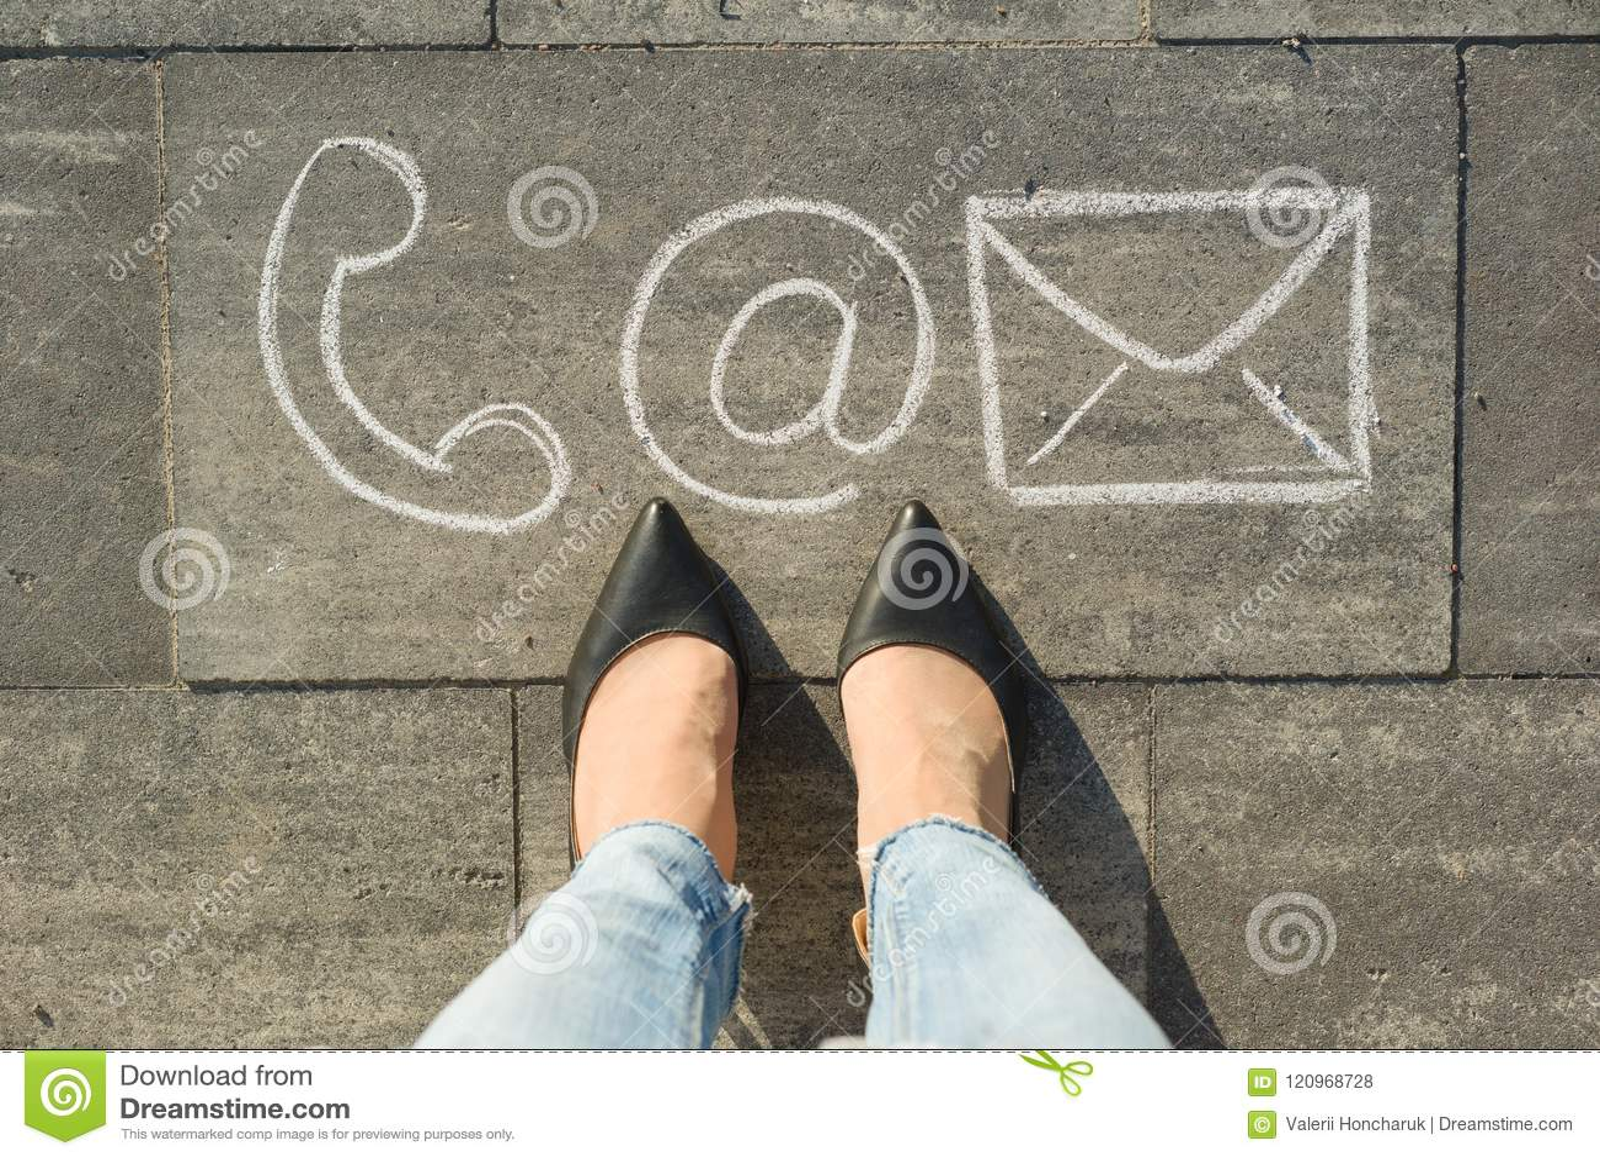 Женские ноги с символами контакта знонят по телефону почте и письму, написанным на сером тротуаре, сообщение или свяжутся мы конц